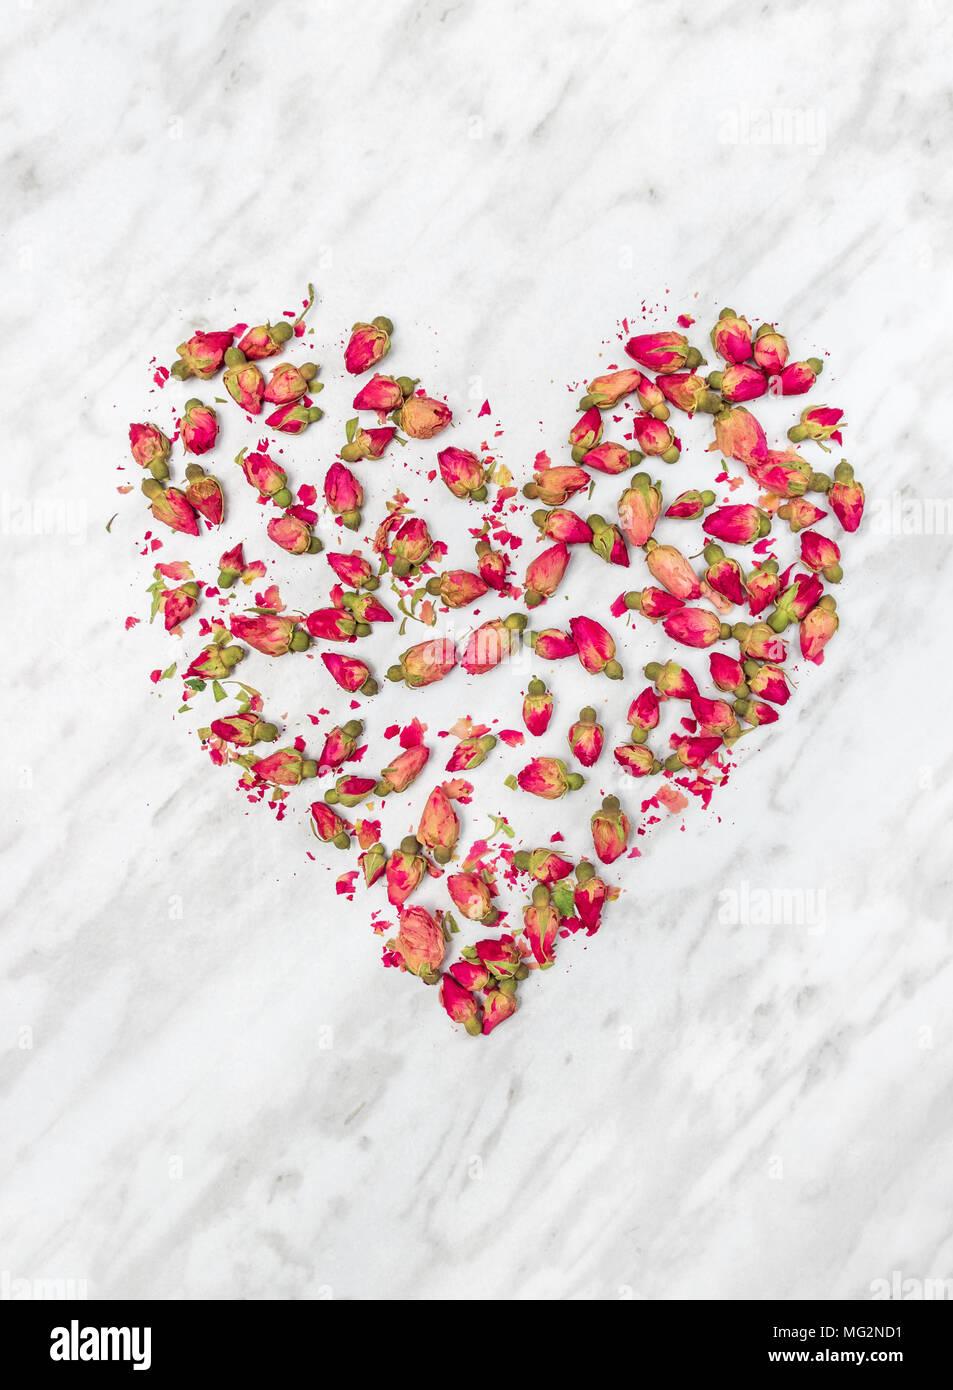 Cuore Di Rosa Appassita Fiori Sul Grigio Chiaro Sfondo Marmo Foto